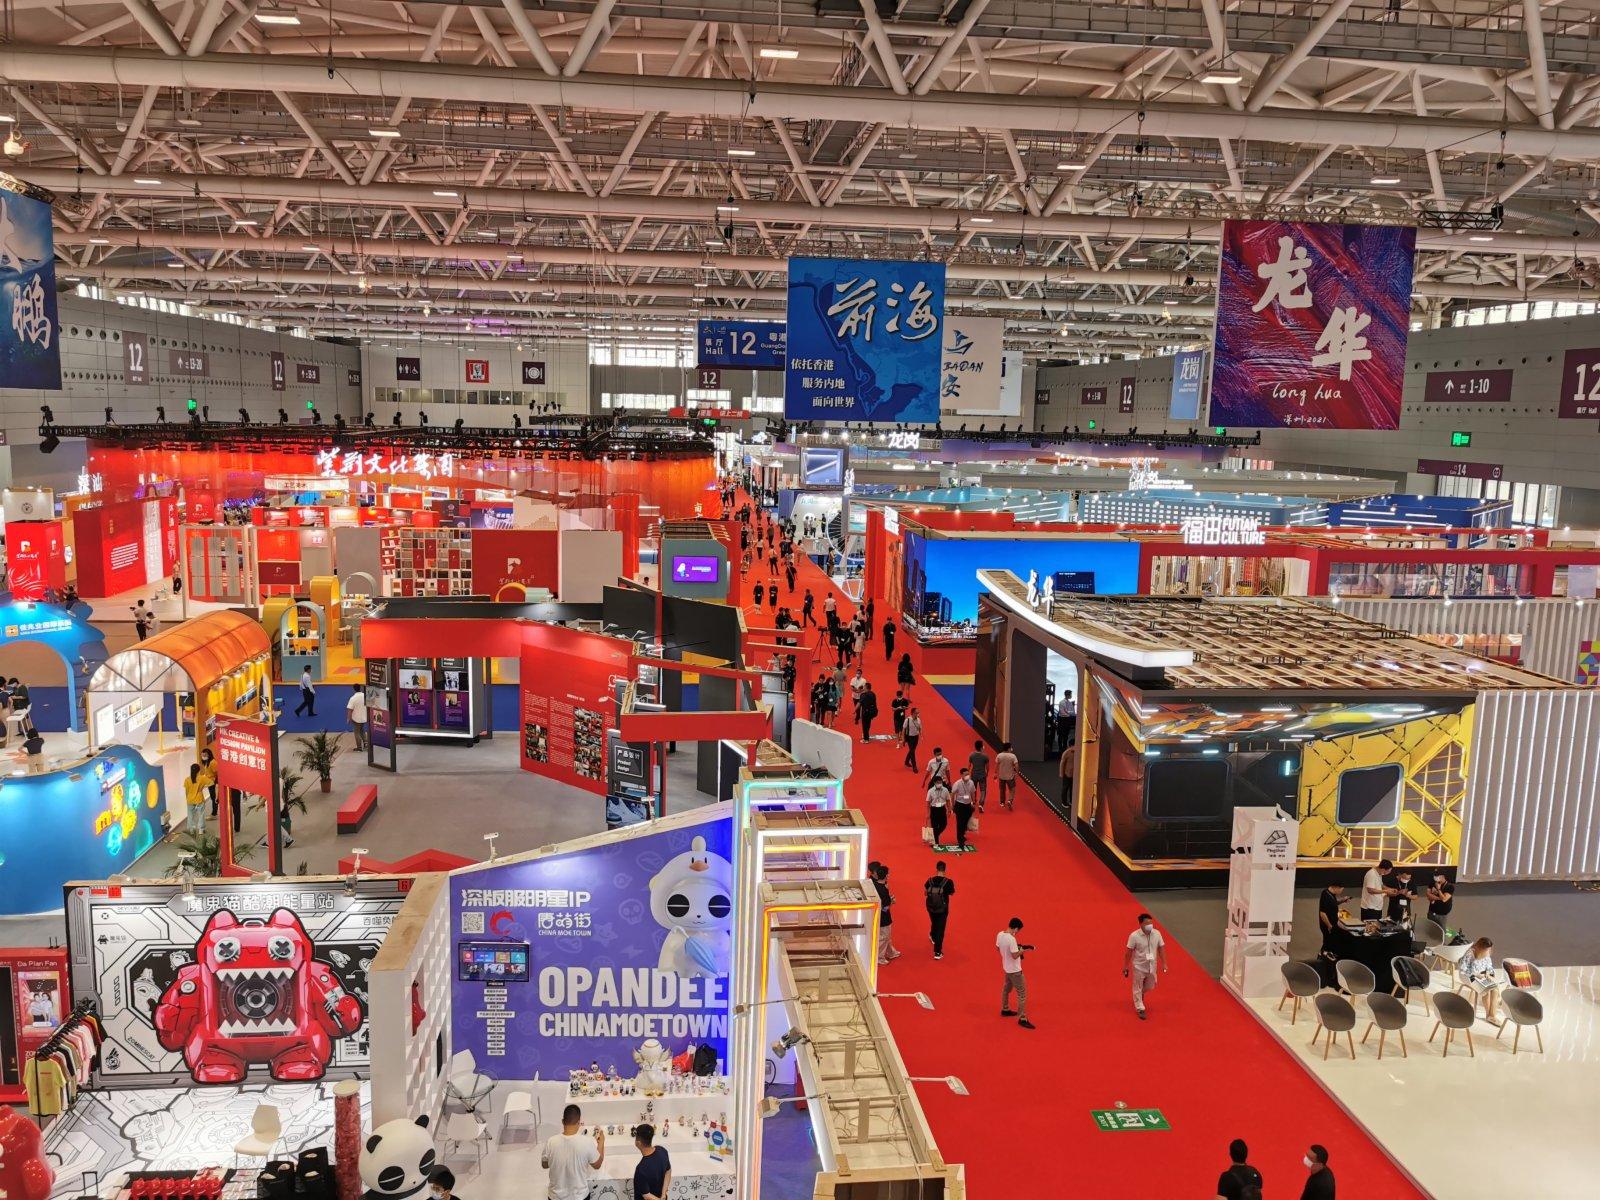 深圳各區的展館,充滿科技感。 李望賢攝